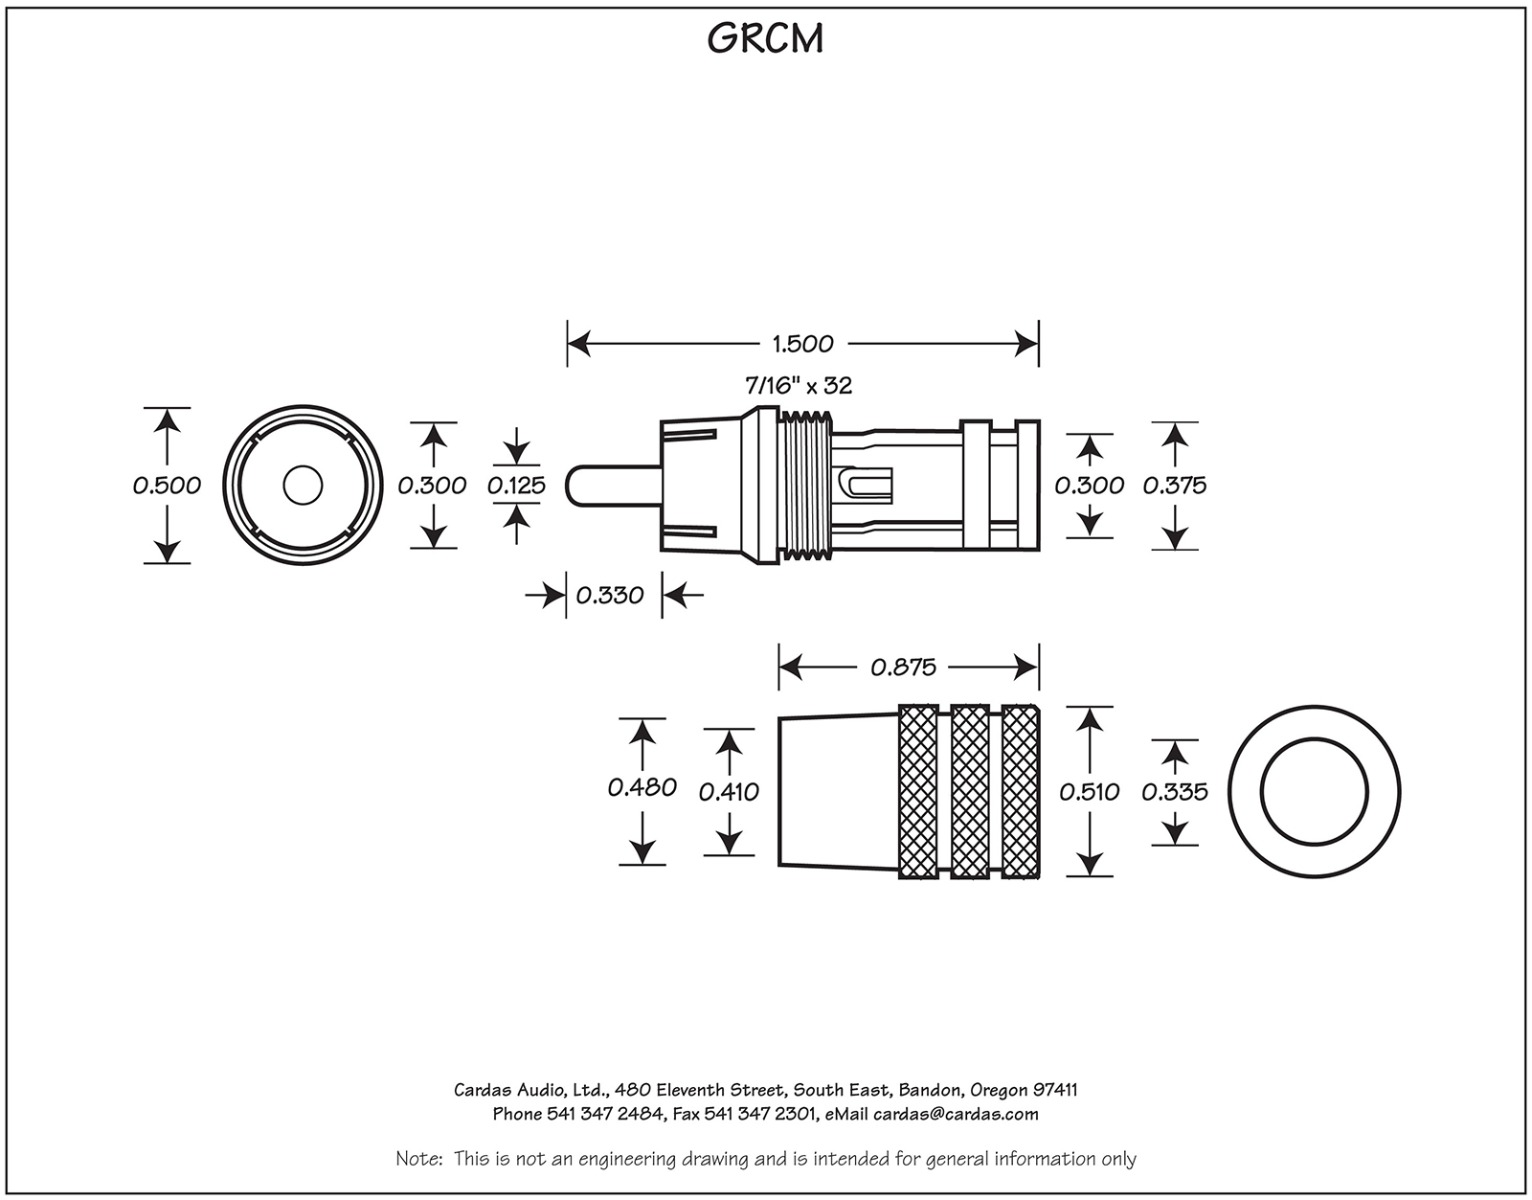 Cardas GRCM Male RCA Plug Dimensions